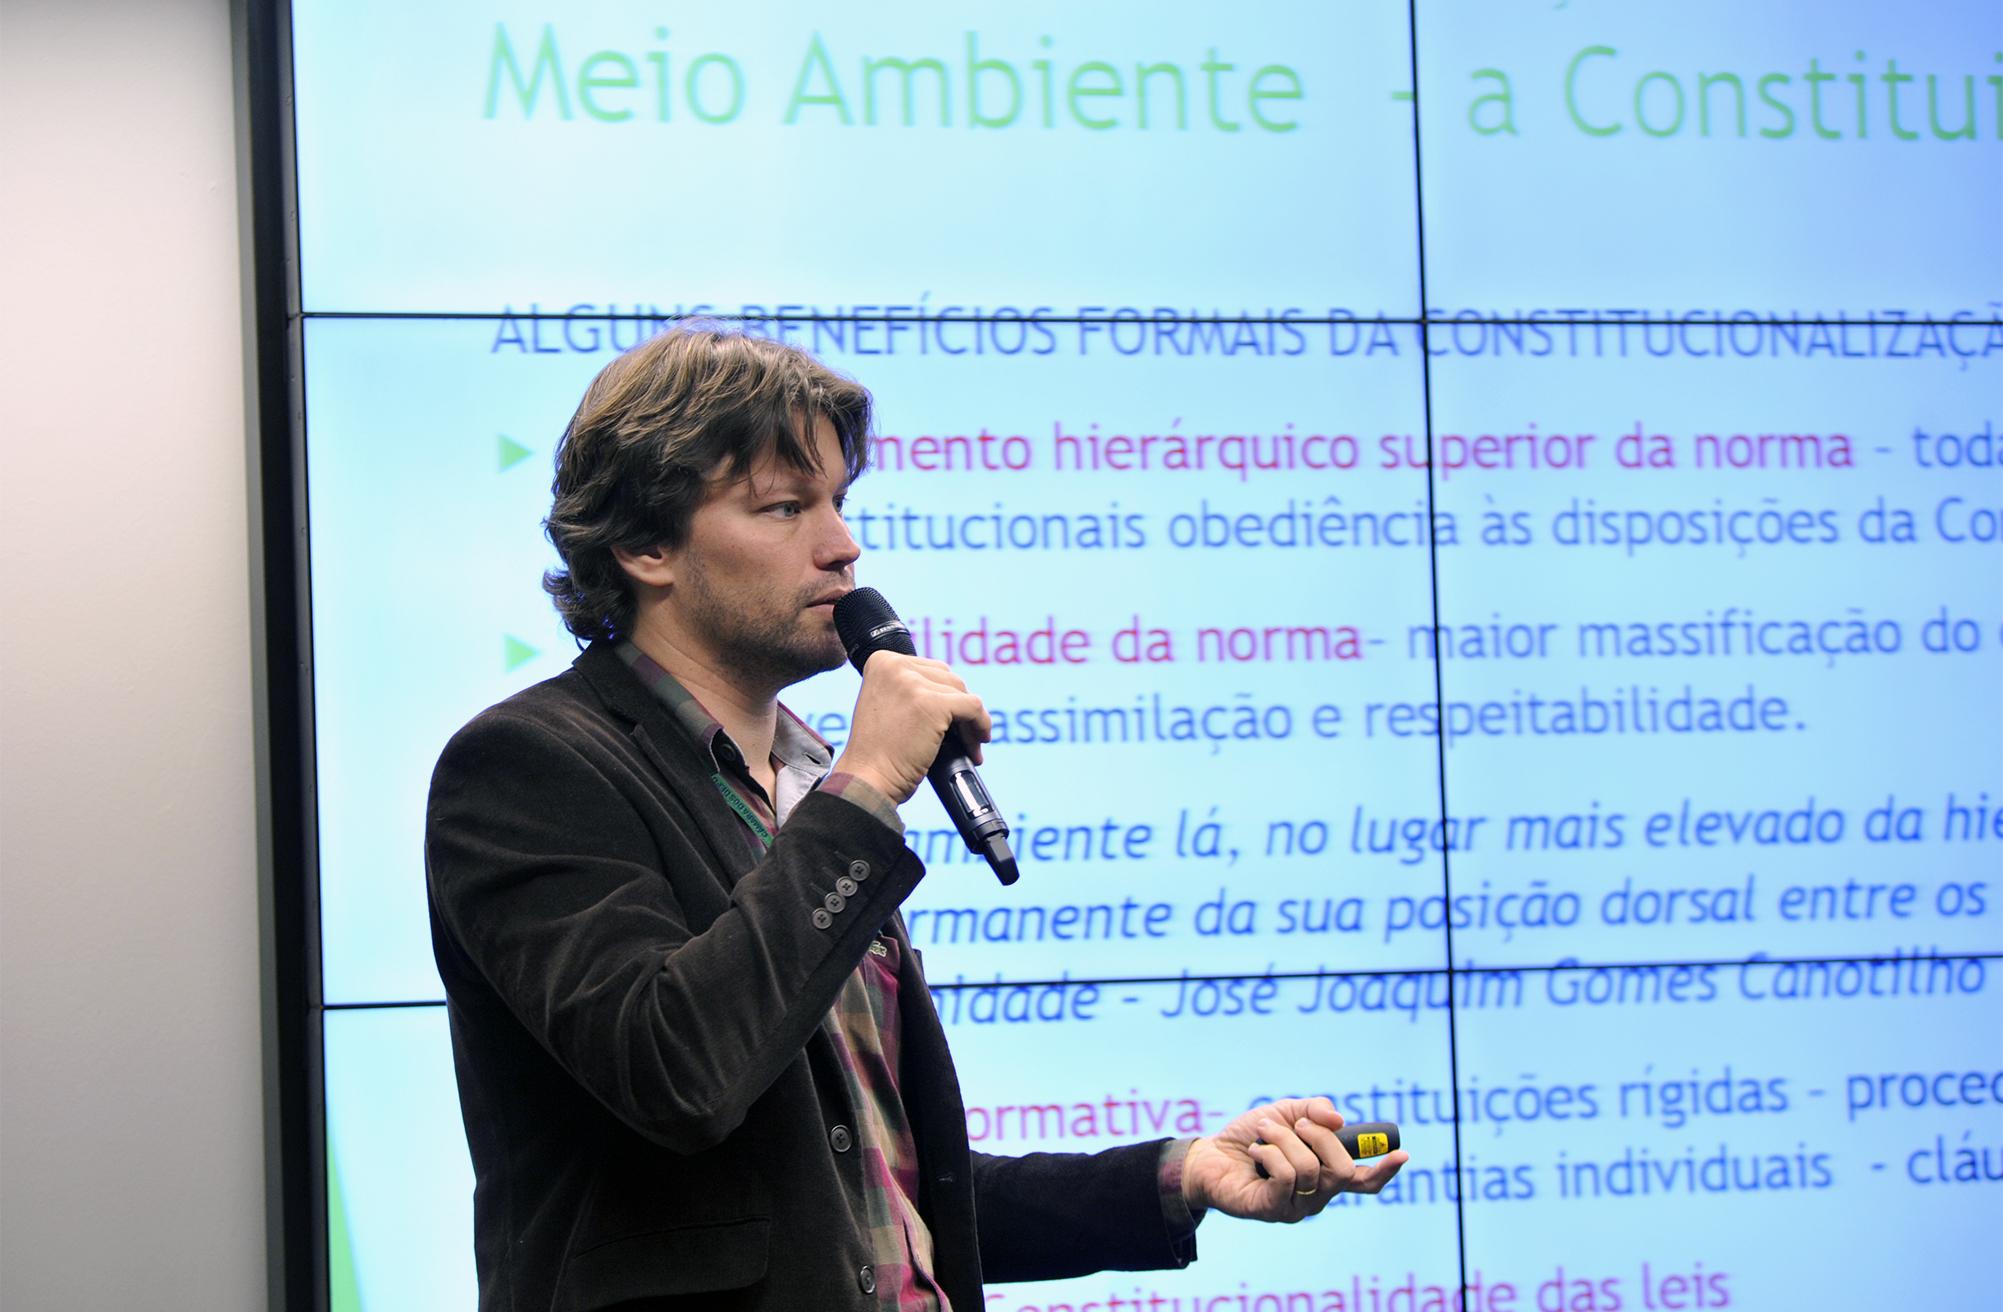 Curso de Legislação Ambiental 2017. Palestrante, Henrique Paranhos Sarmento Leite